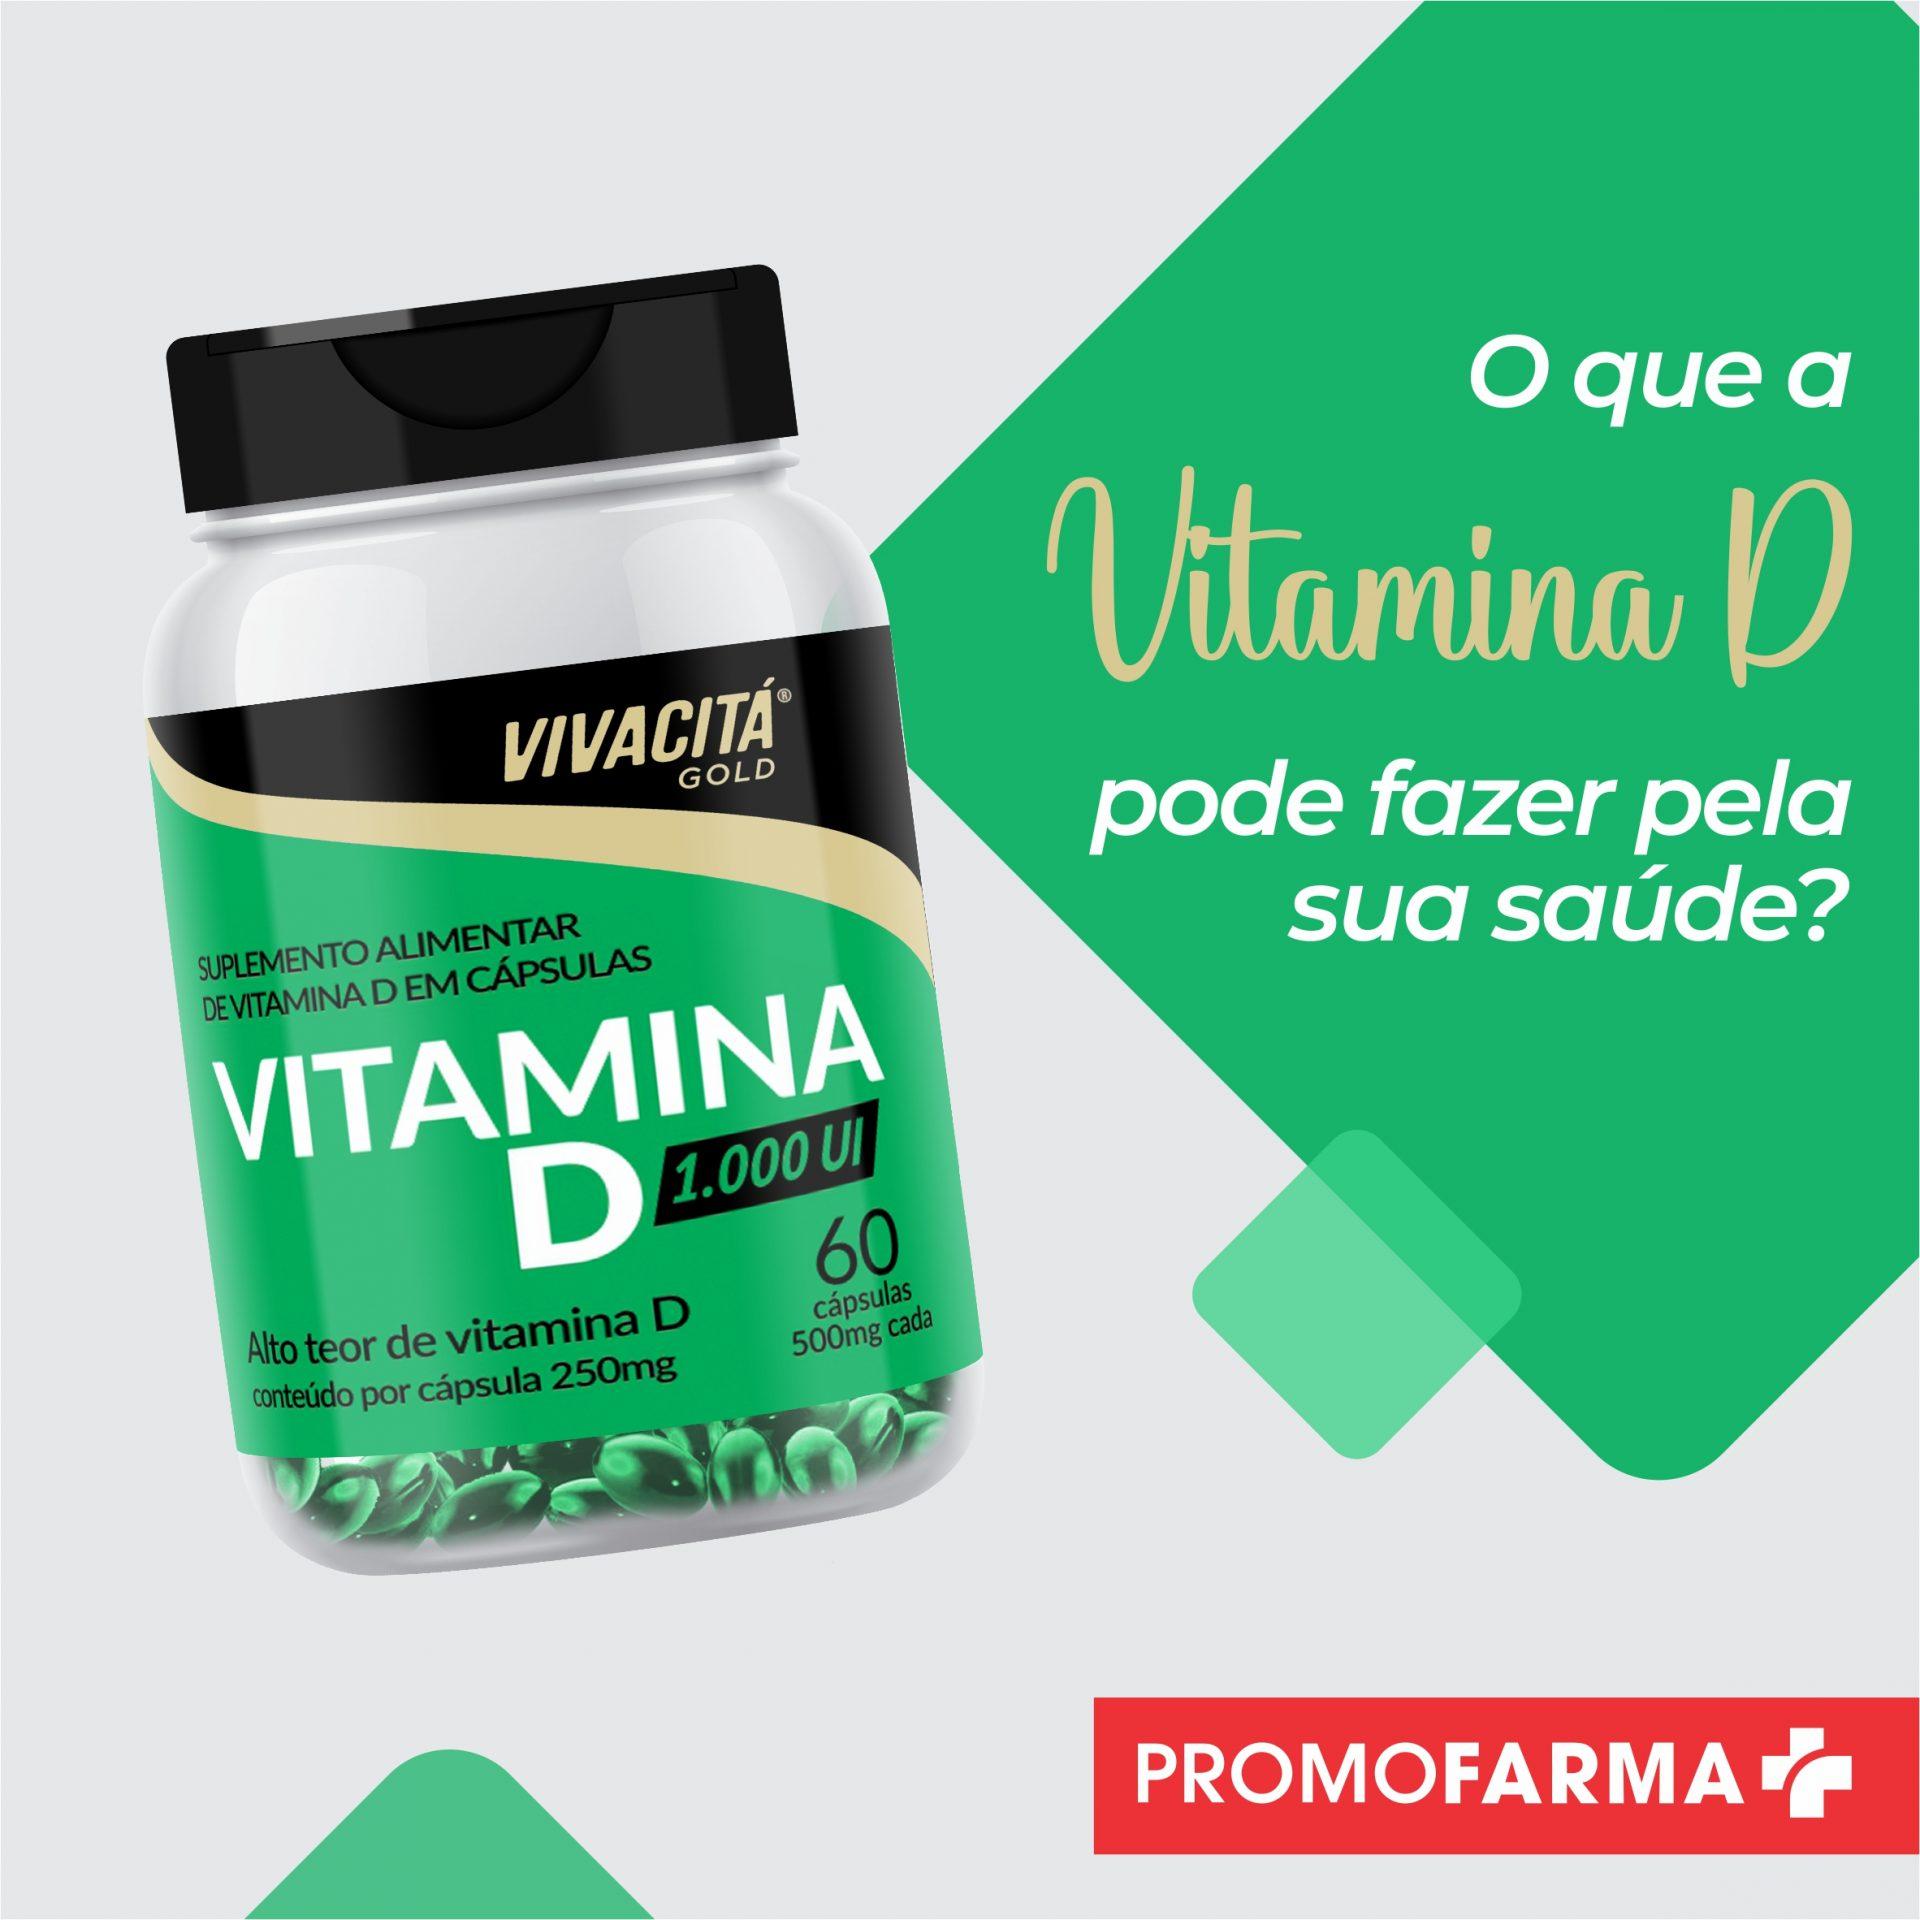 O que a Vitamina D pode fazer pela sua saúde?